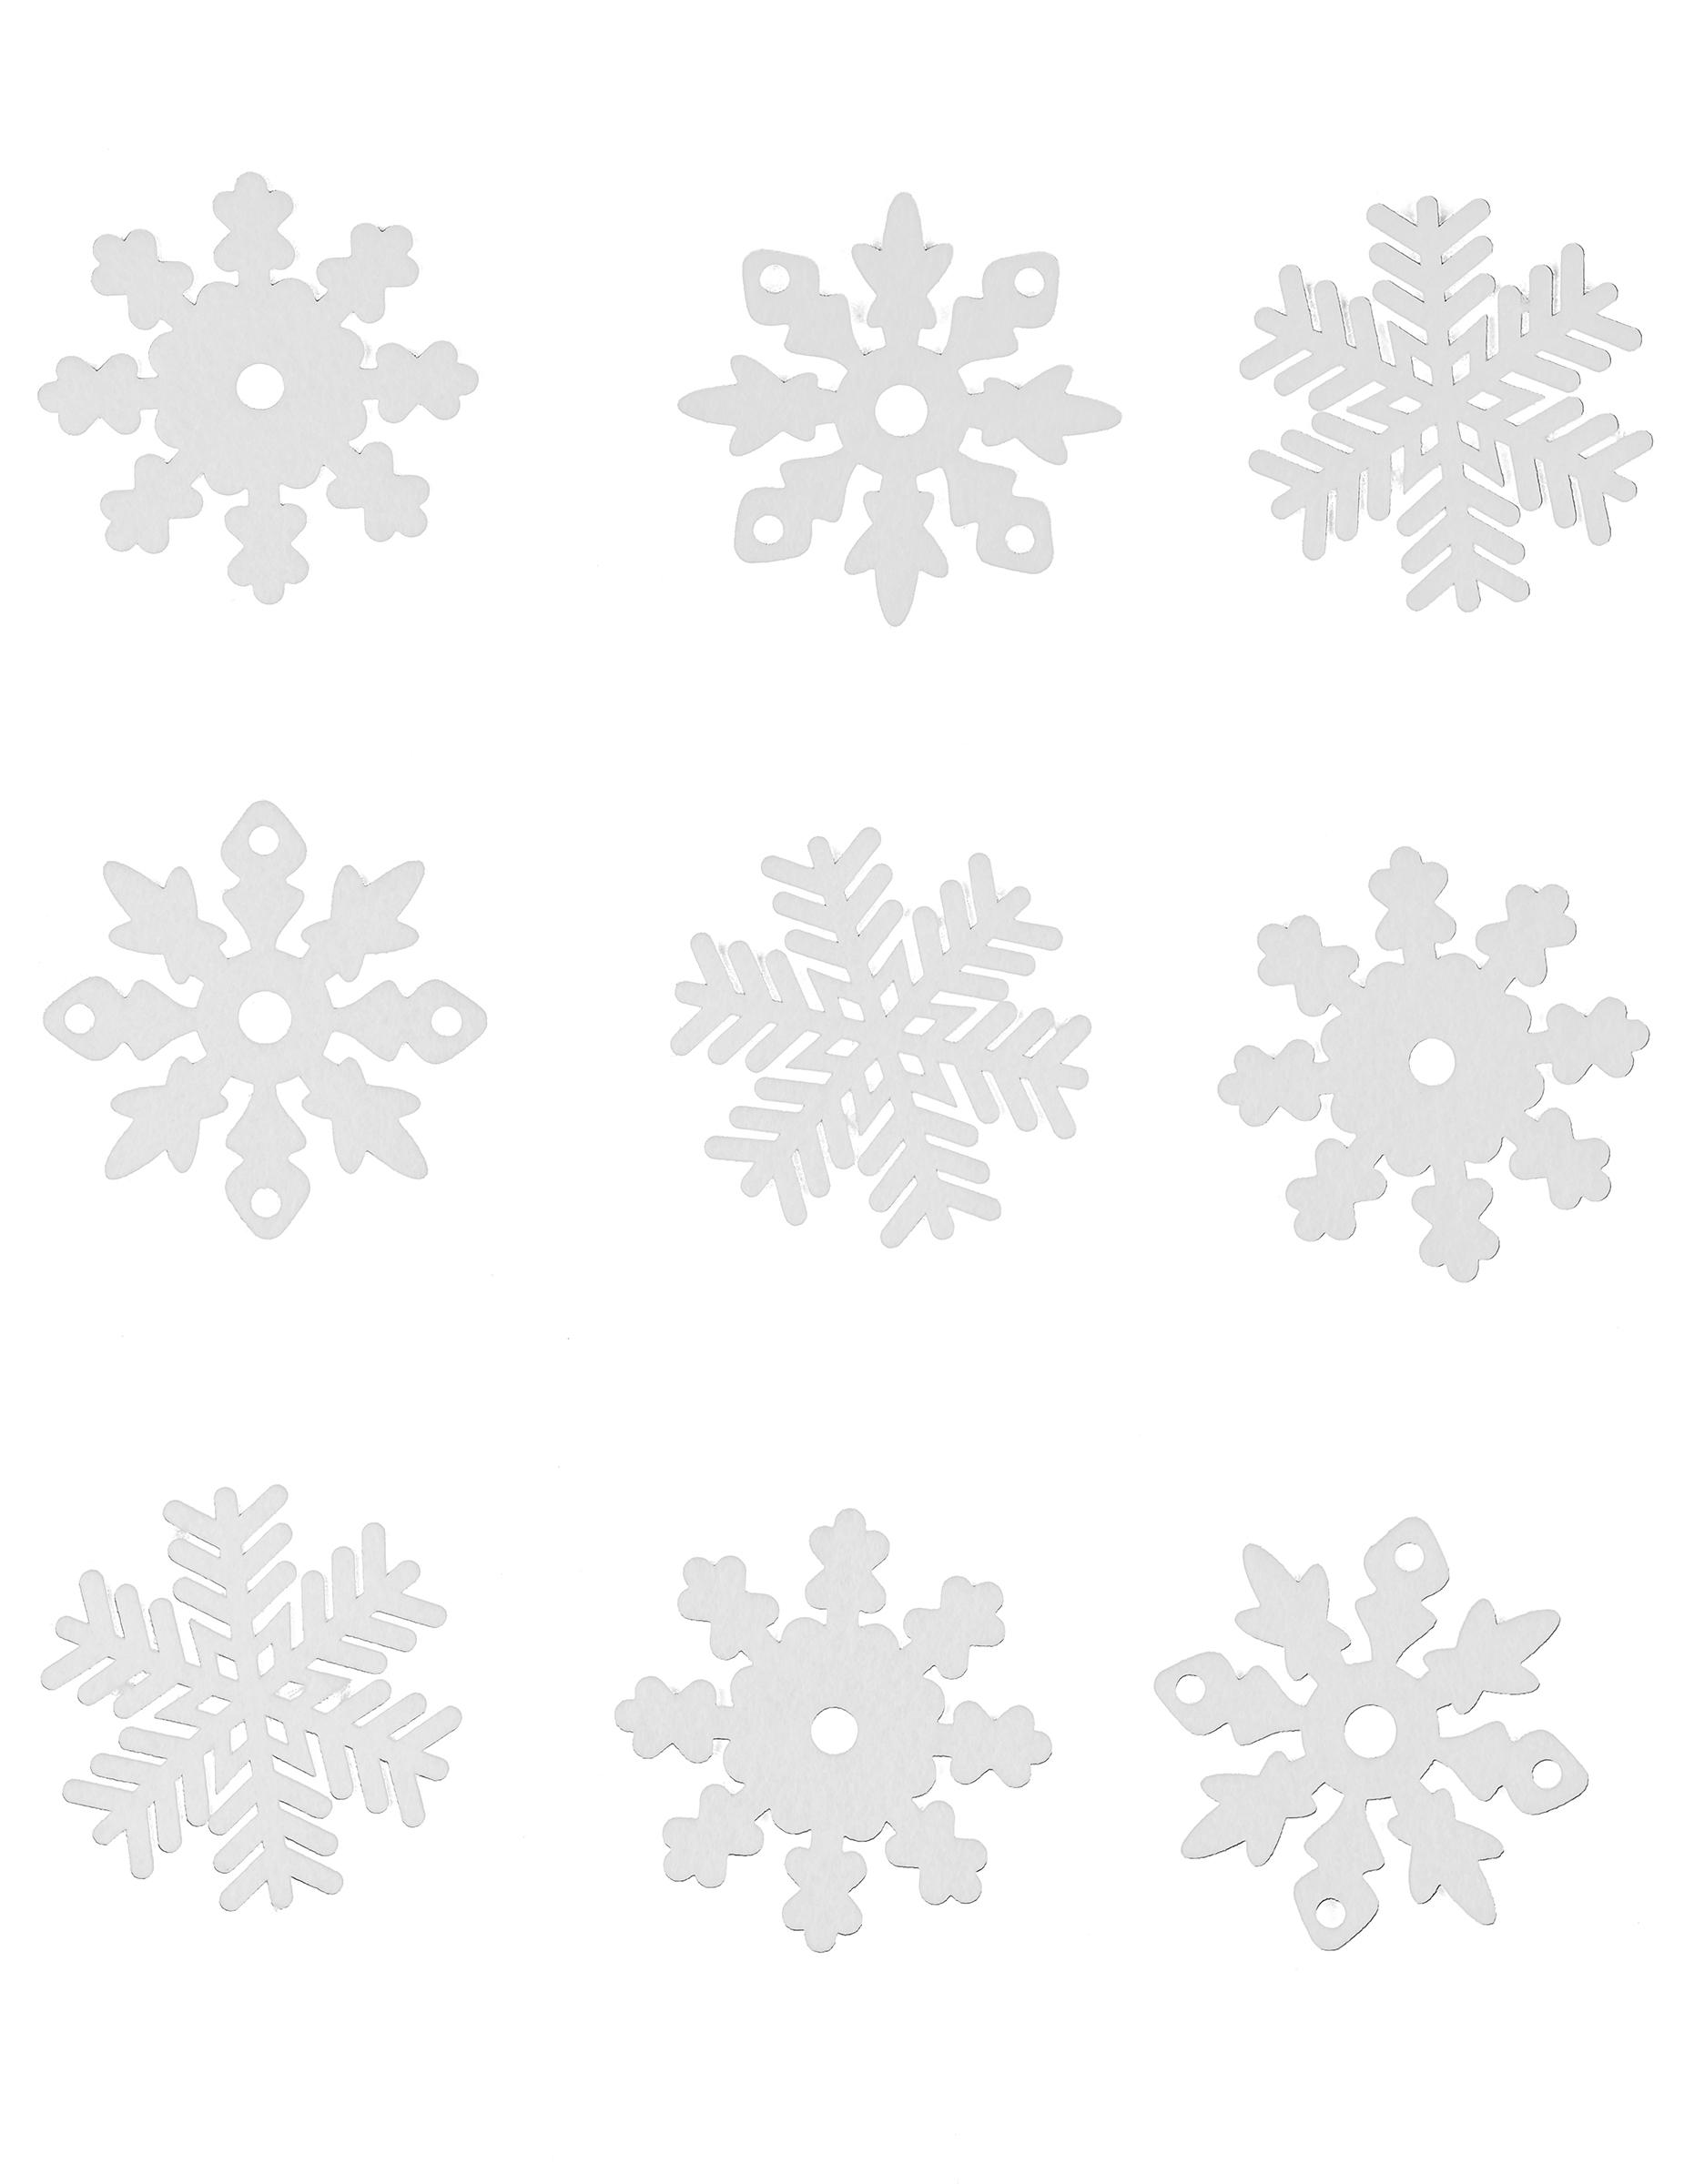 #666666 9 Flocons Des Neiges En Feutrine Noël : Deguise Toi Achat  6341 decoration noel a fabriquer flocon 1850x2400 px @ aertt.com